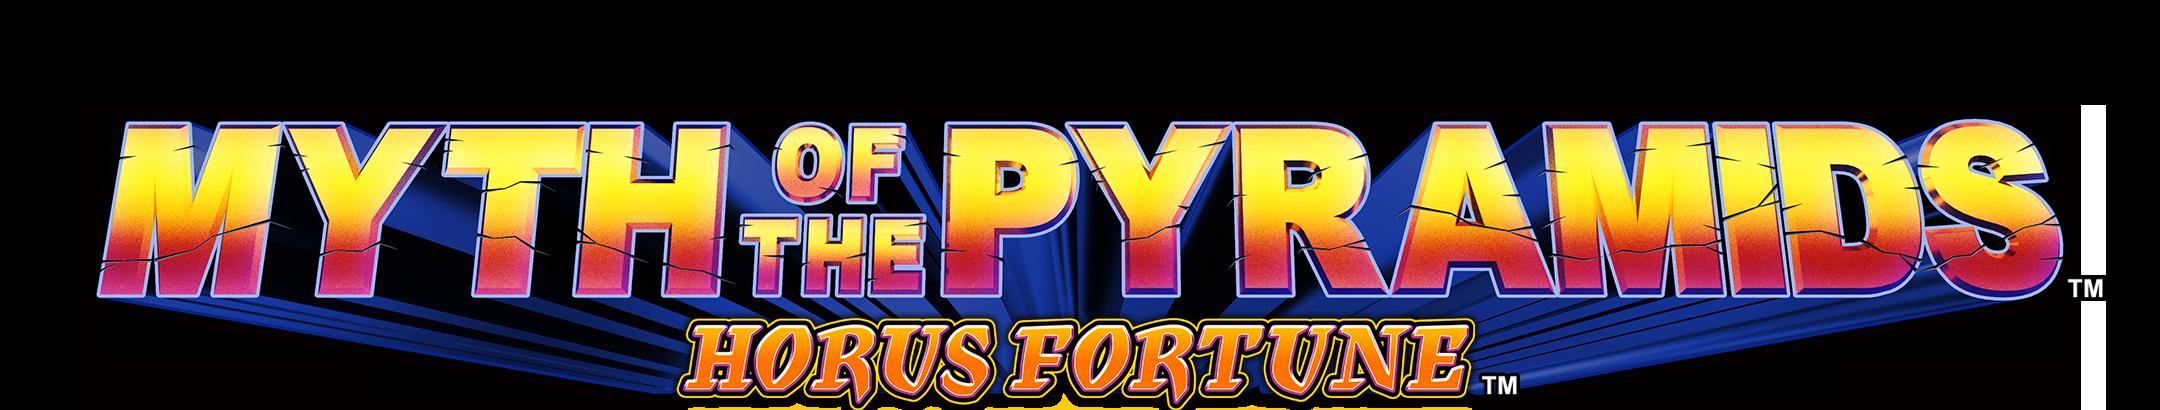 Myth of the Pyramids Horus Fortune Logo